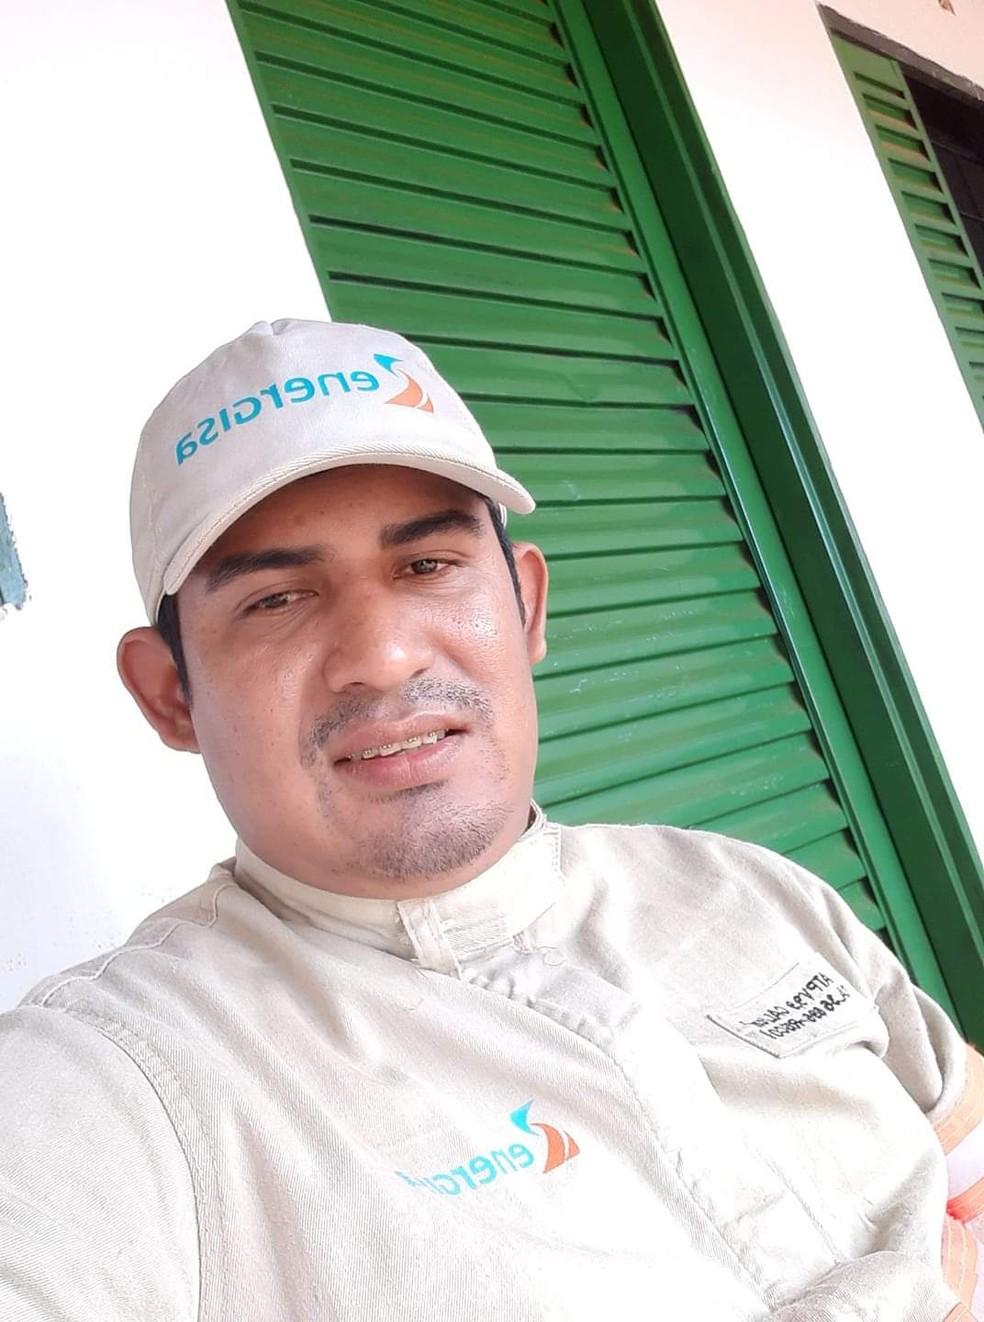 Fernando Marques, de 36 anos, era funcionário da Energisa — Foto: Arquivo pessoal